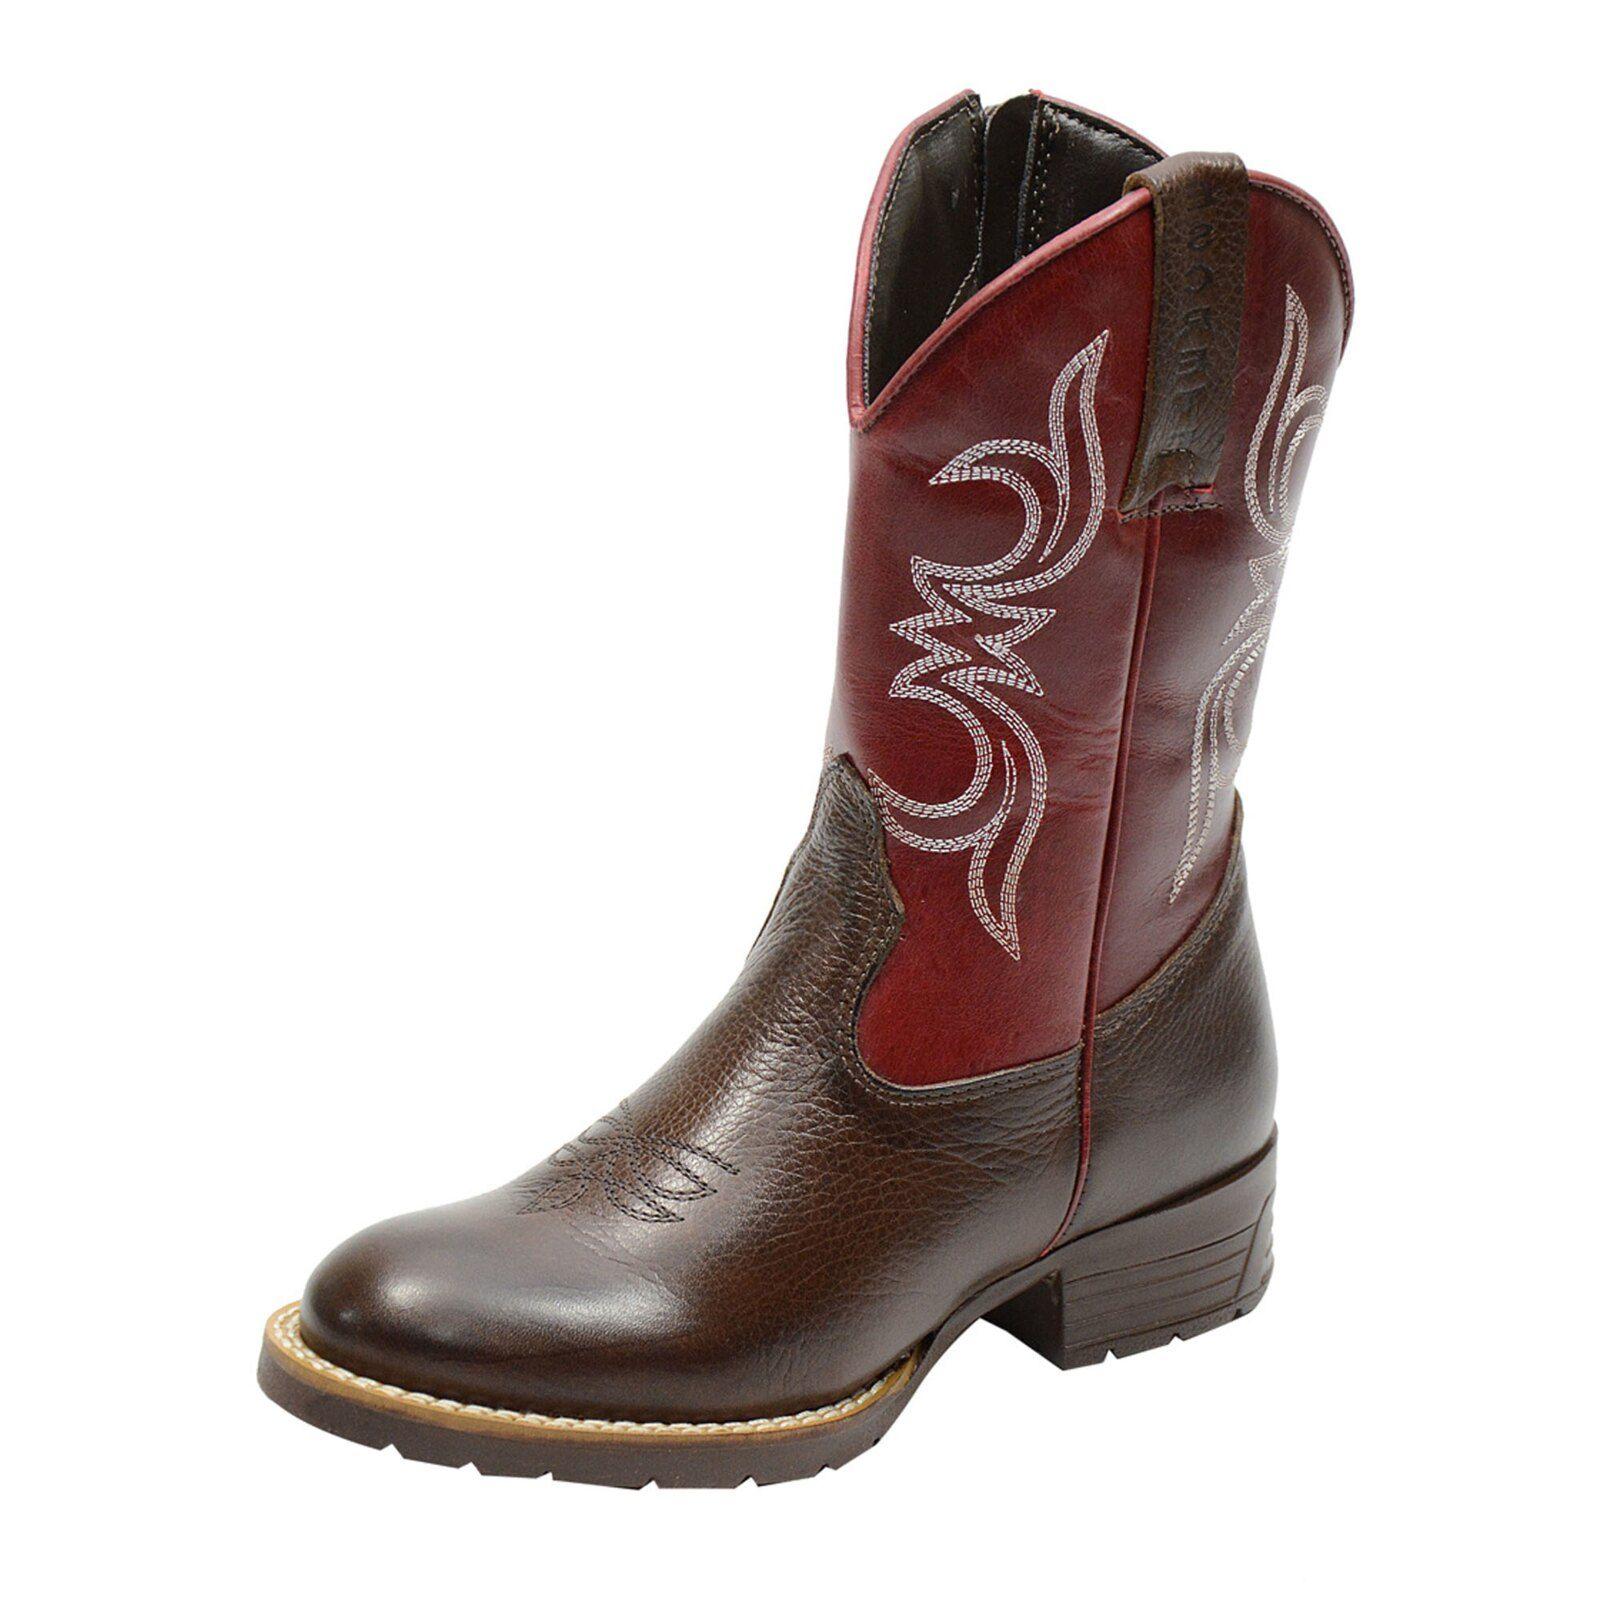 Botina Texana Infantil Atron Shoes Kids 3807 Marrom | Bota